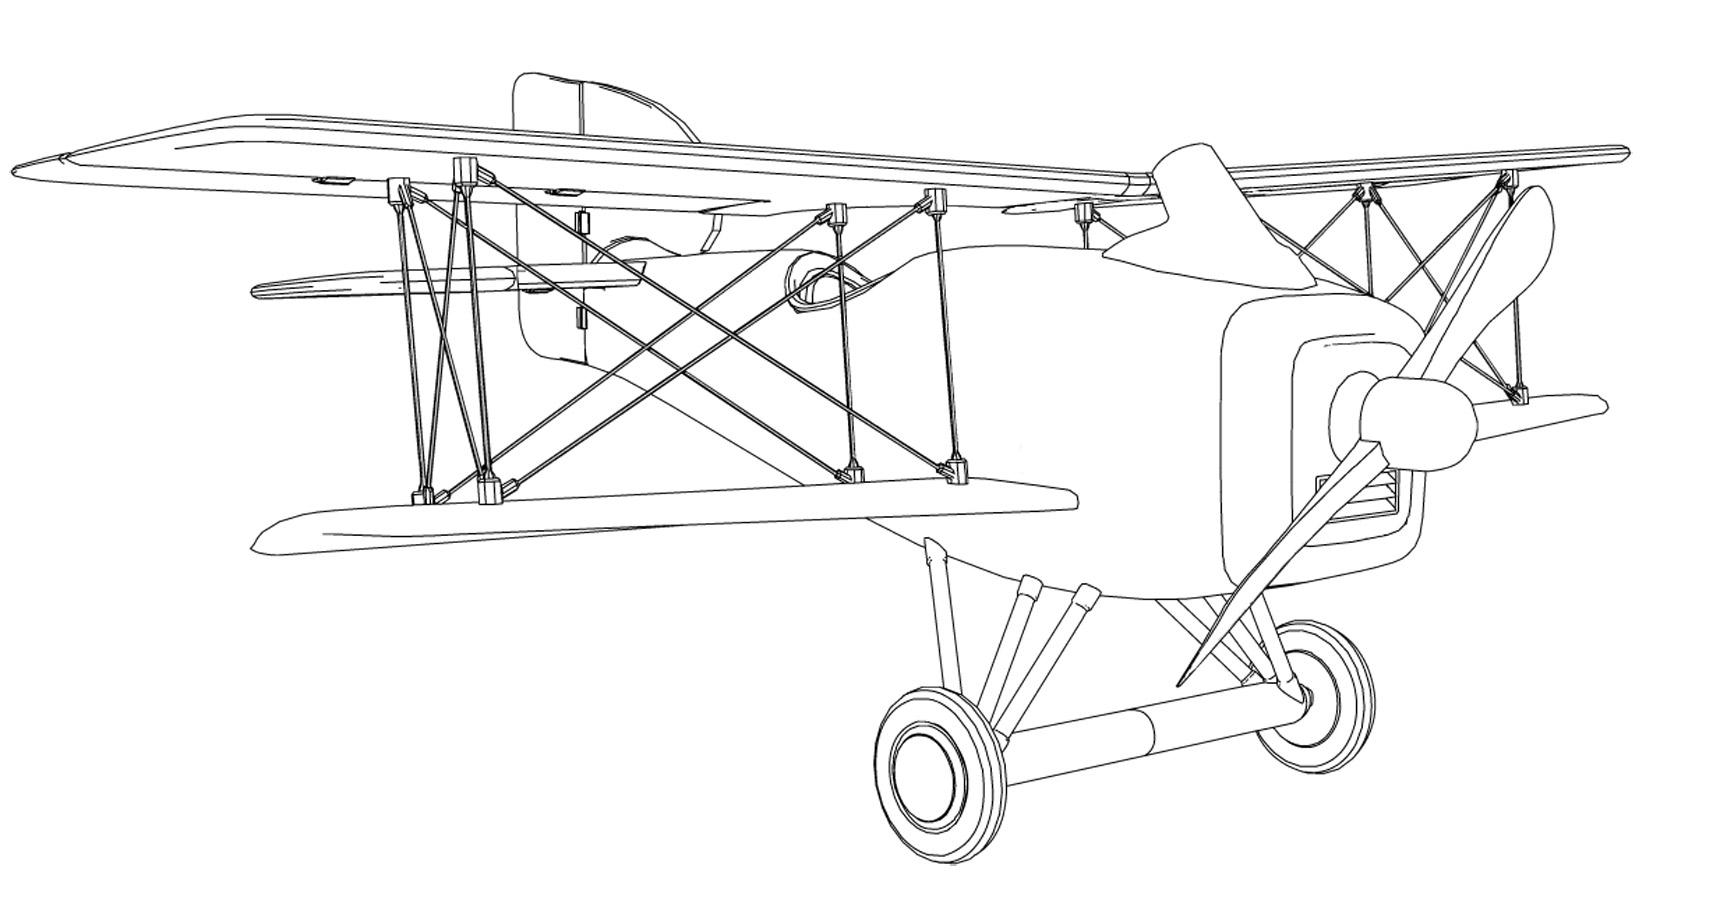 L 39 avion du petit prince ouftivi - Coloriage renard petit prince ...